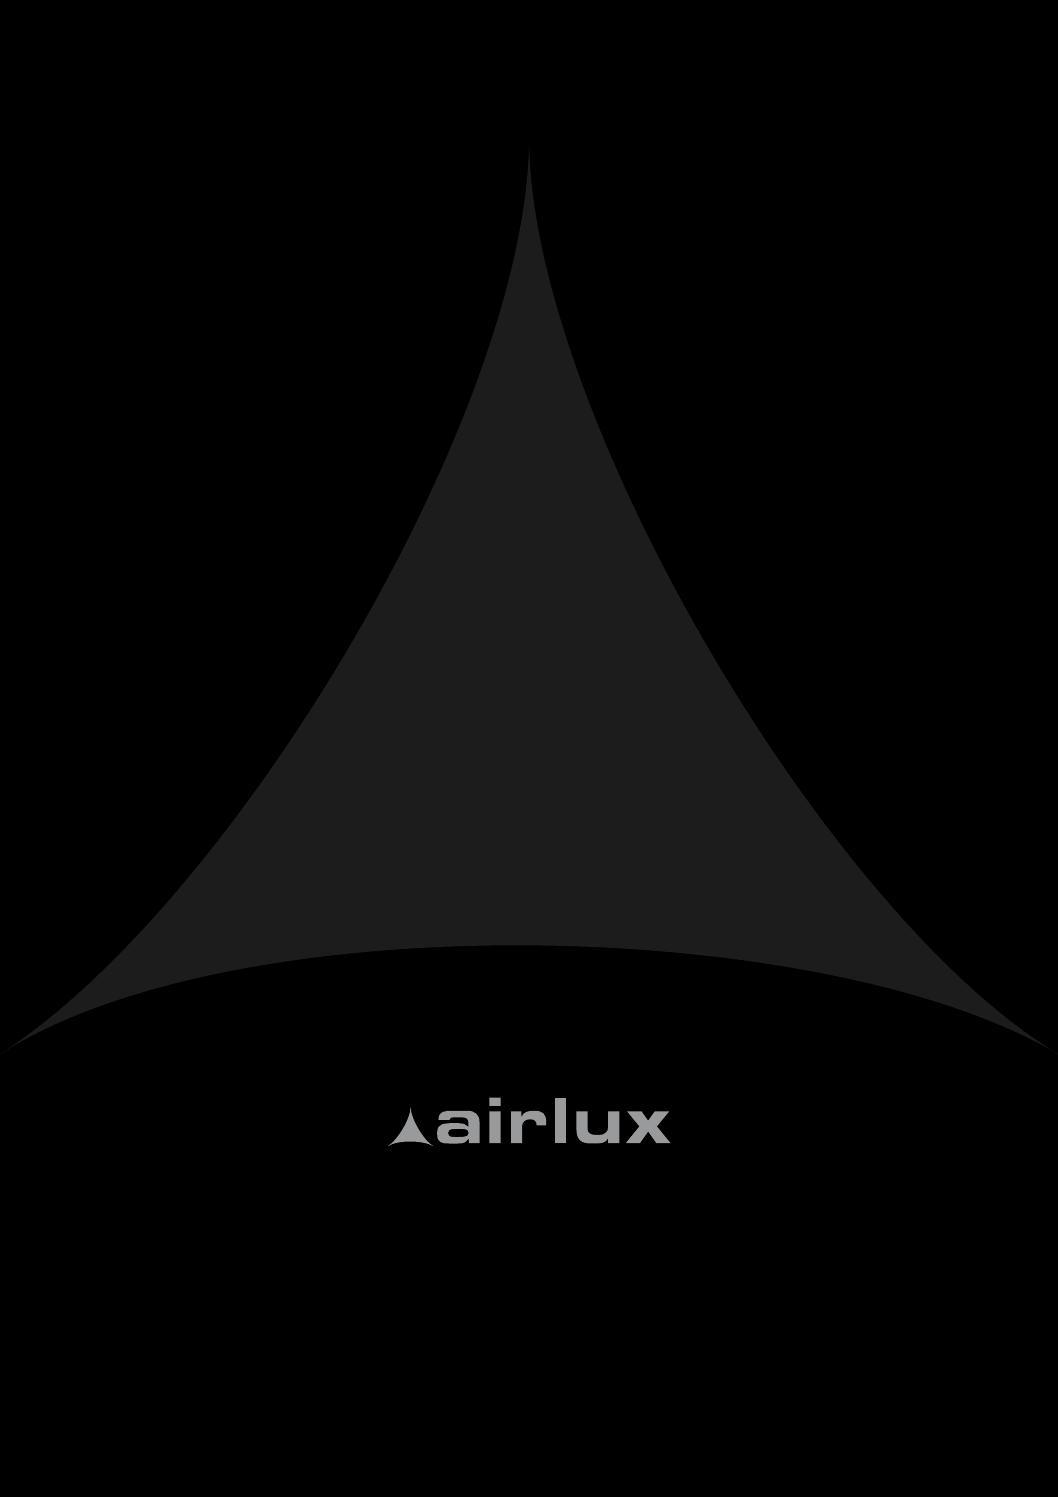 Plaques Airlux ATI322WH plaque Blanc Int/égr/é Plaque avec zone /à induction Blanc, Int/égr/é, Plaque avec zone /à induction, Verre, 1400 W, 2300 W